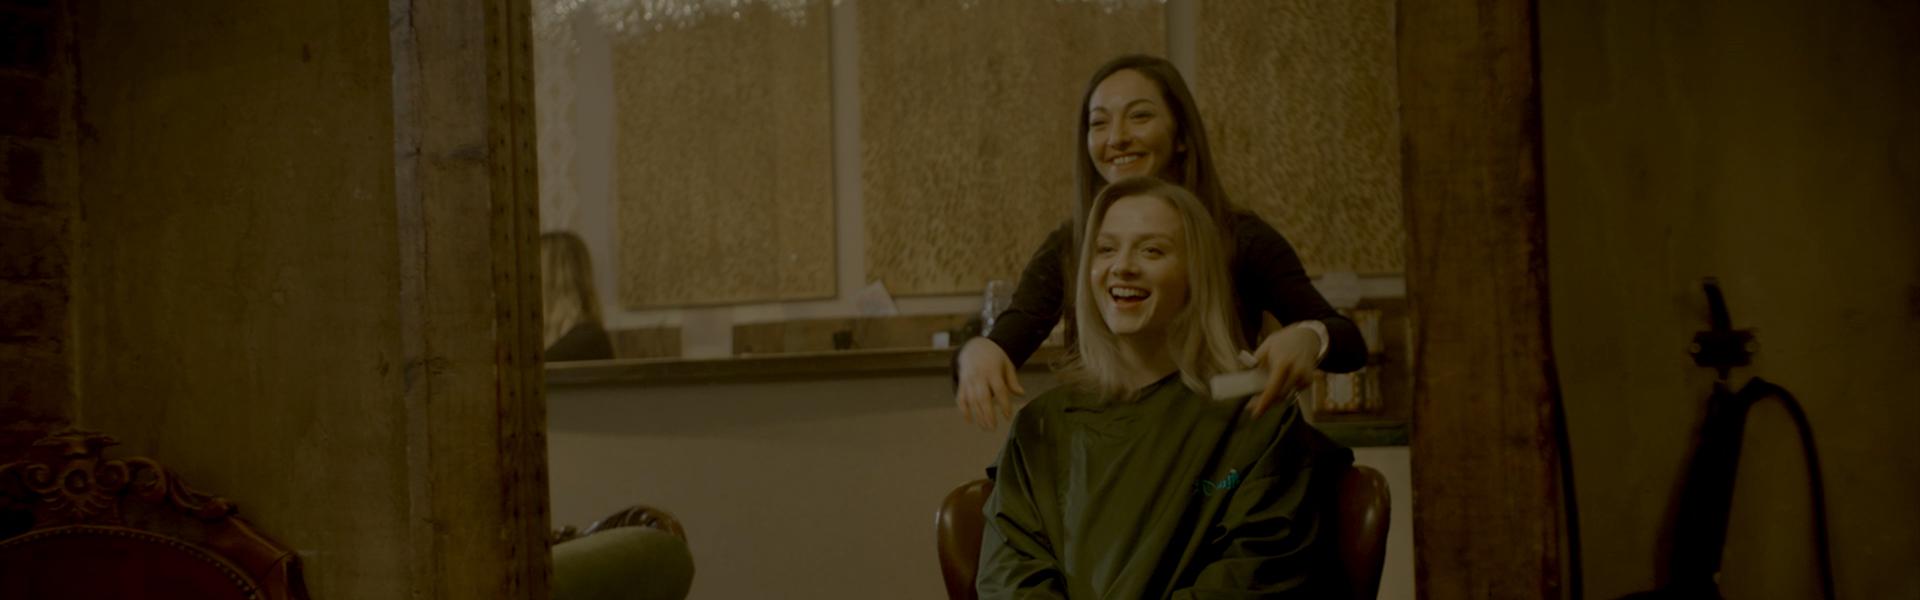 Dvije žene u frizerskom salonu